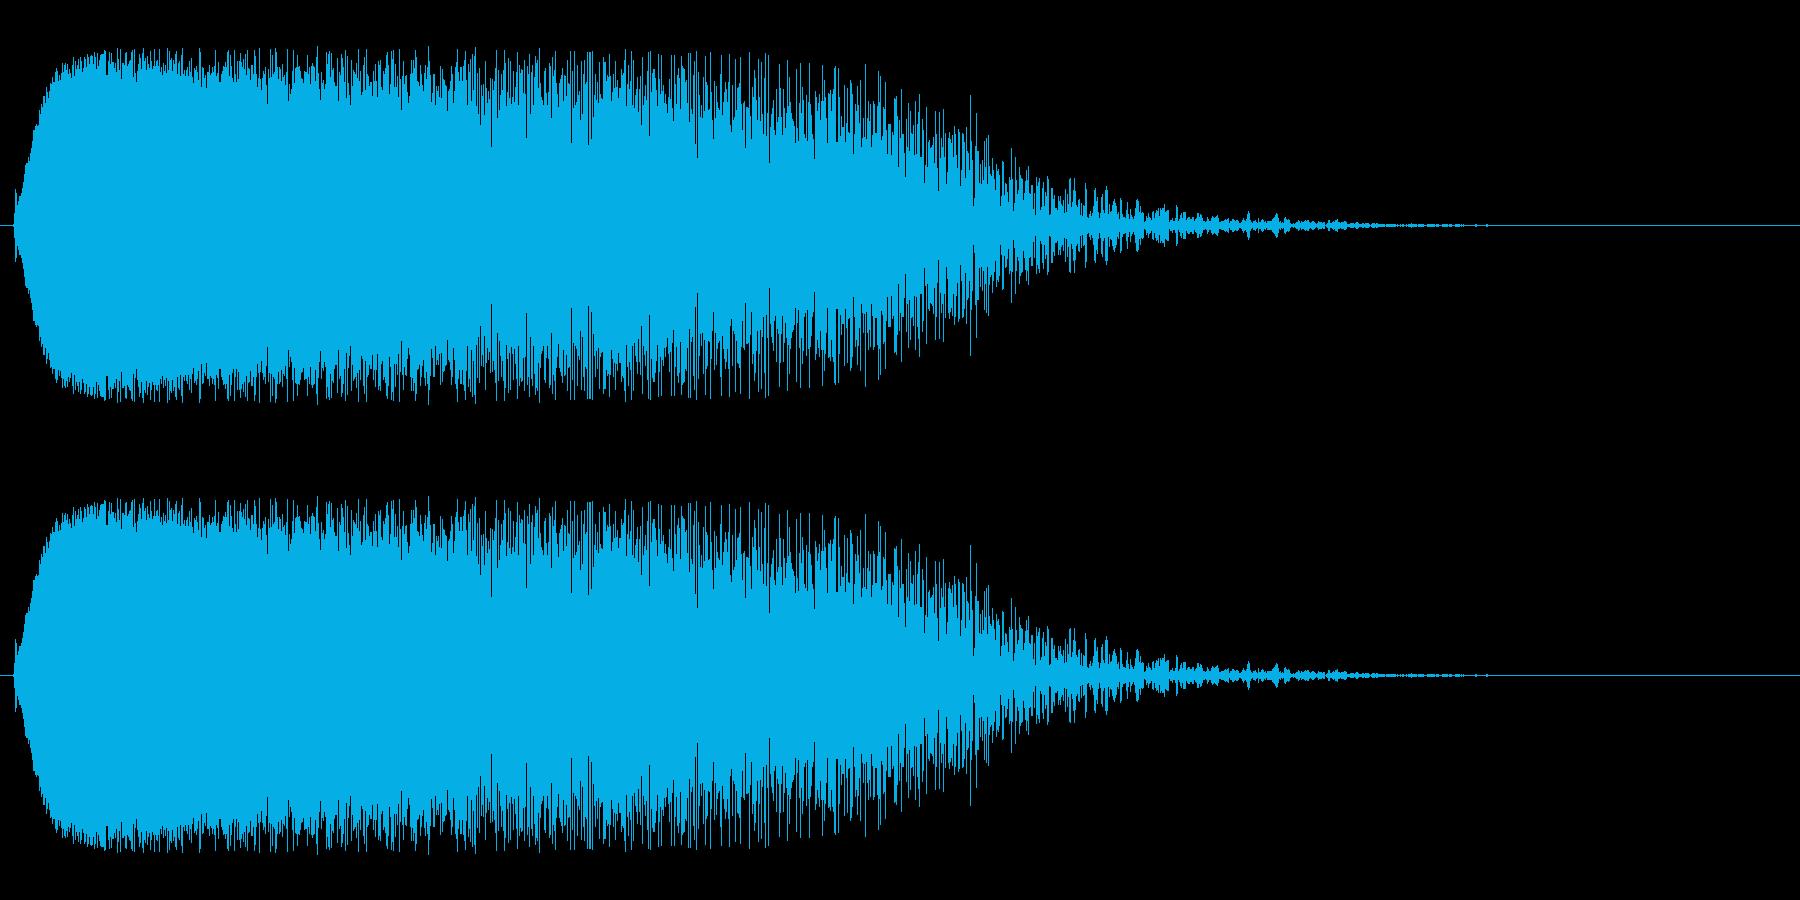 チューン(空間移動を思わせる効果音)の再生済みの波形